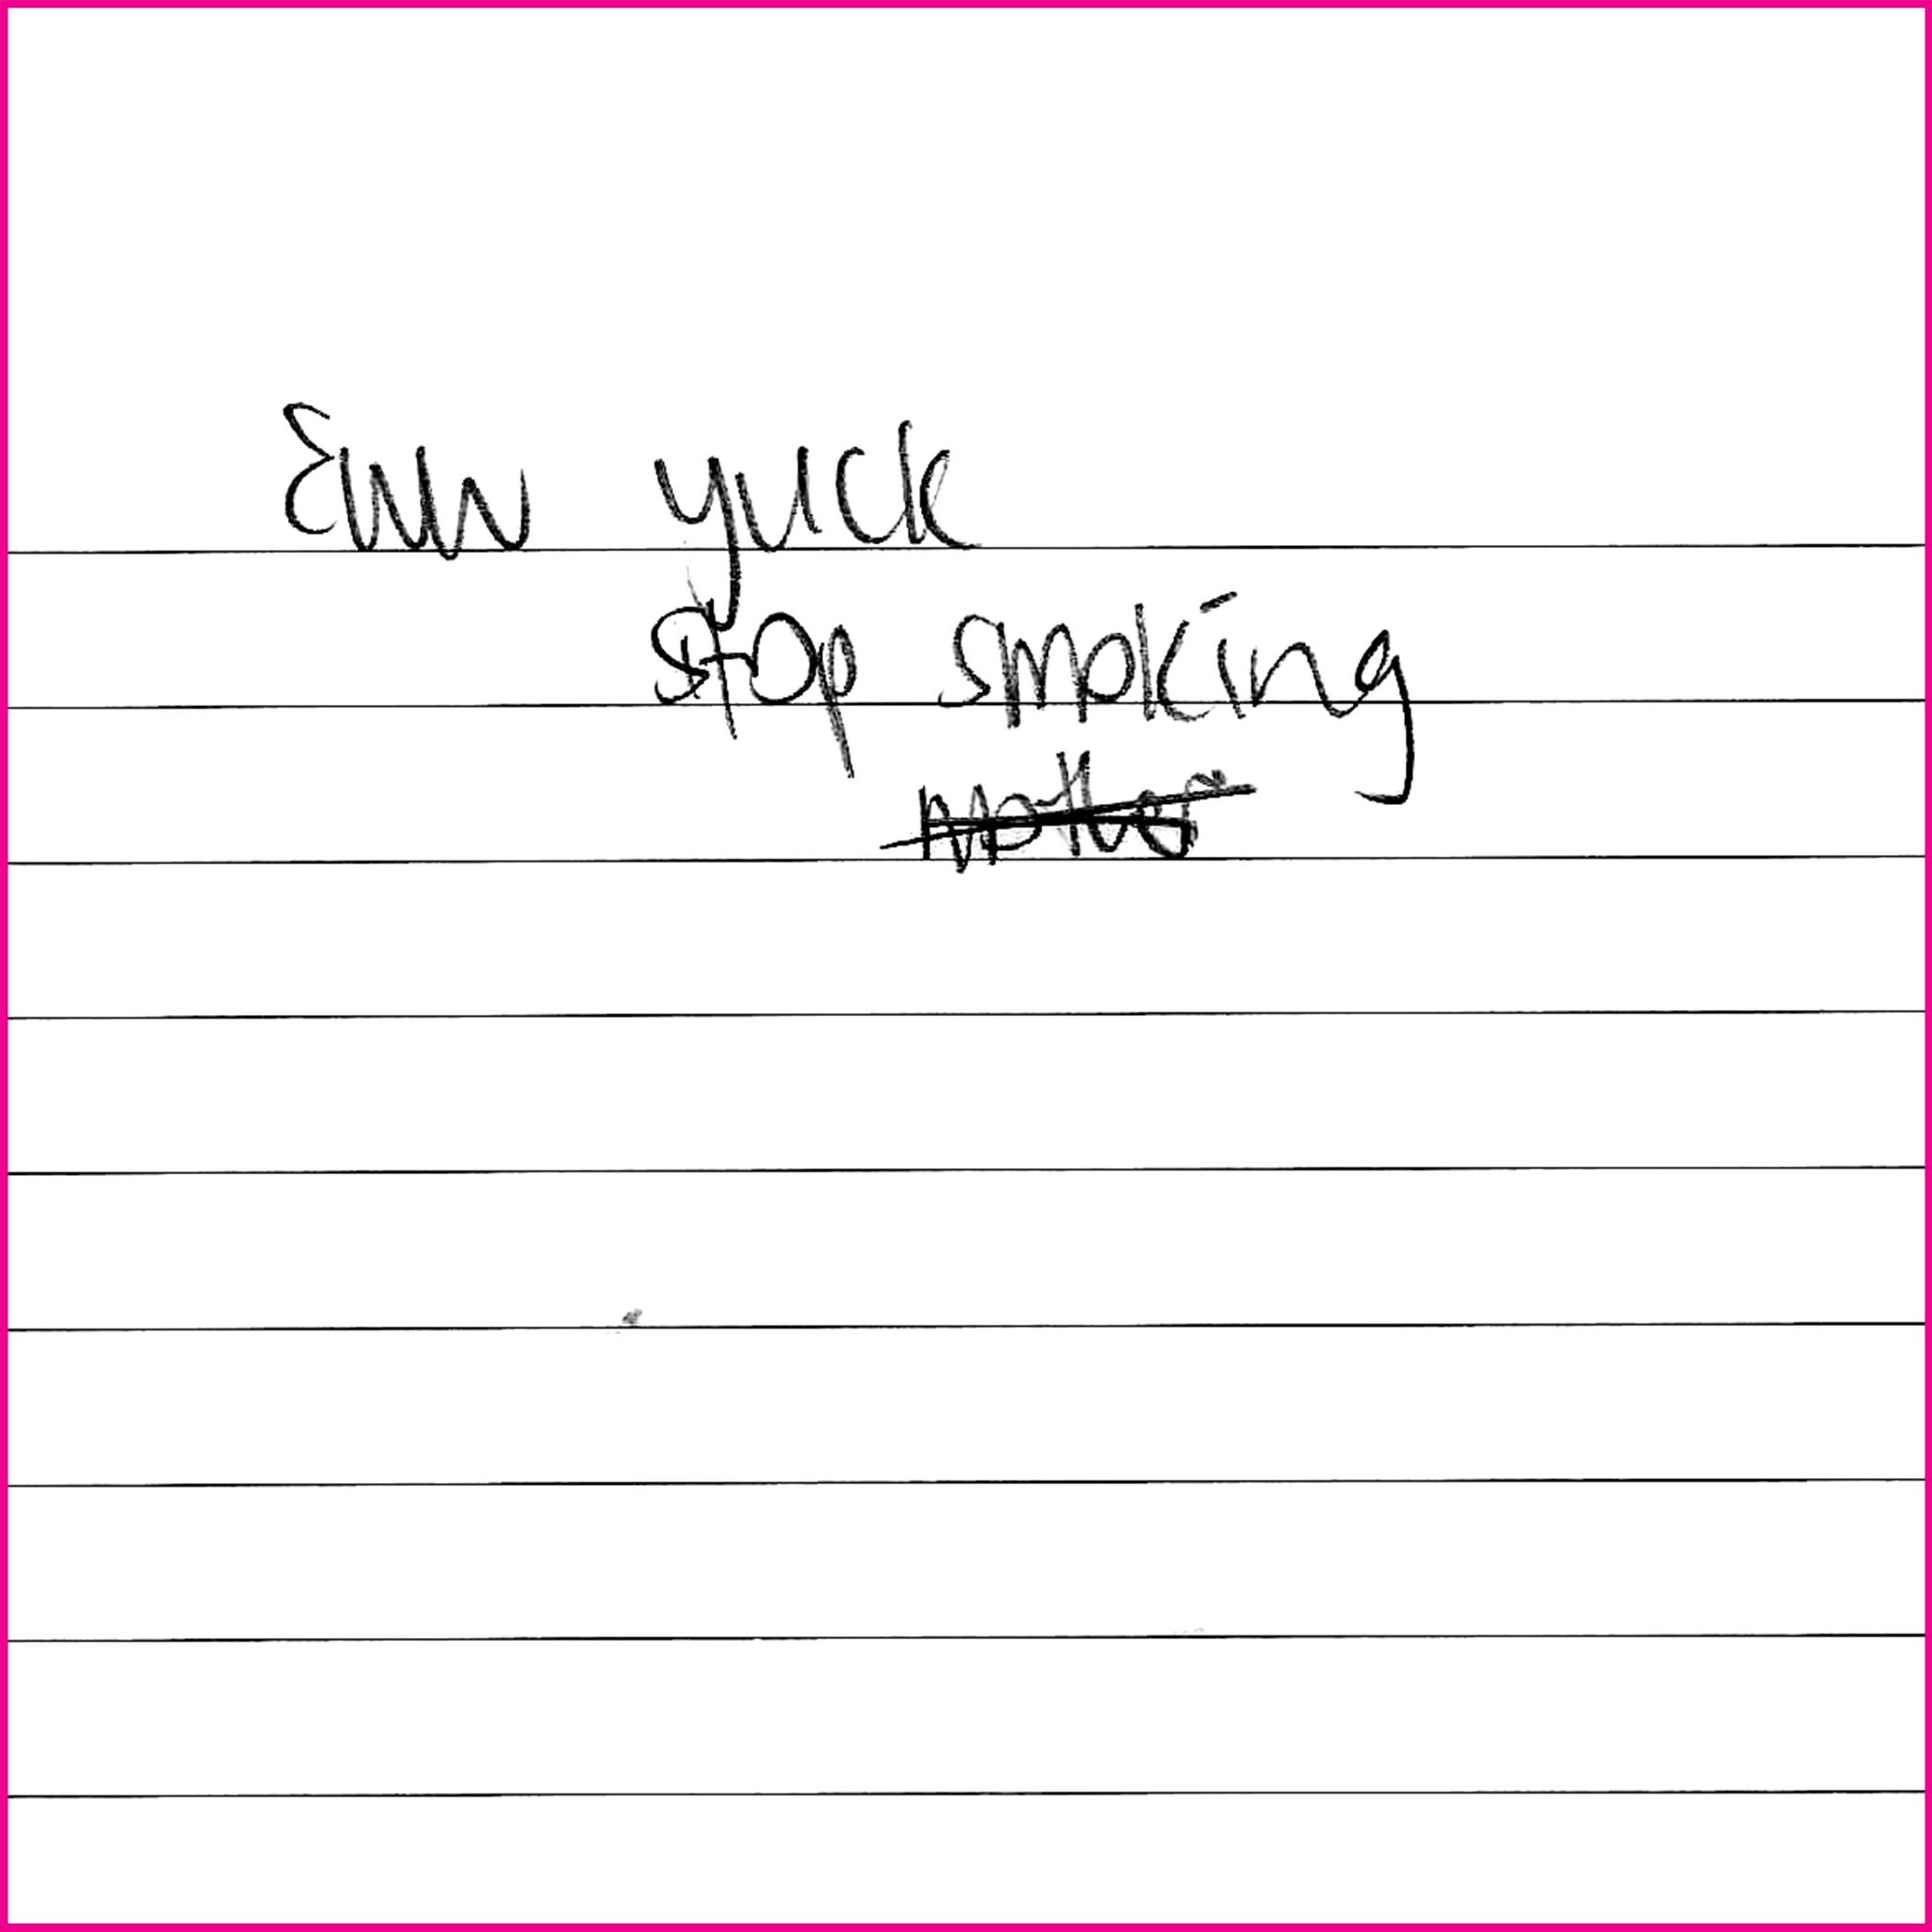 Eww yuck  stop smoking